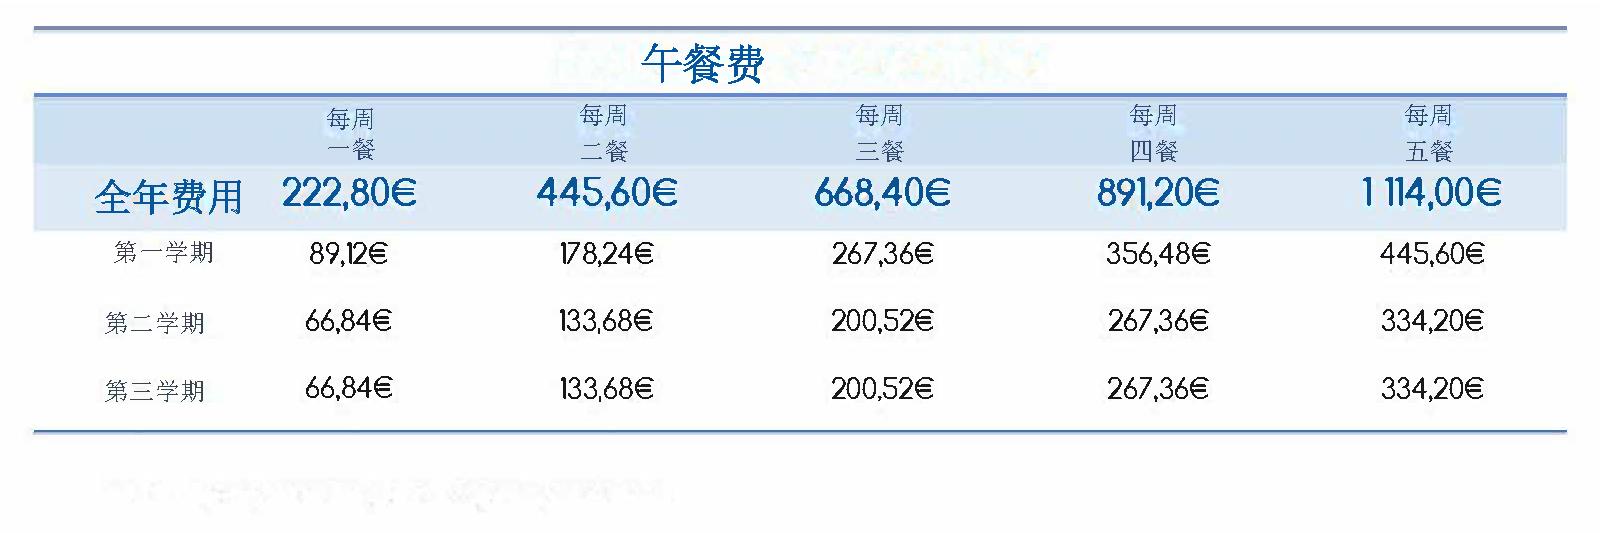 北京法国国际学校2020-2021学年学费标准